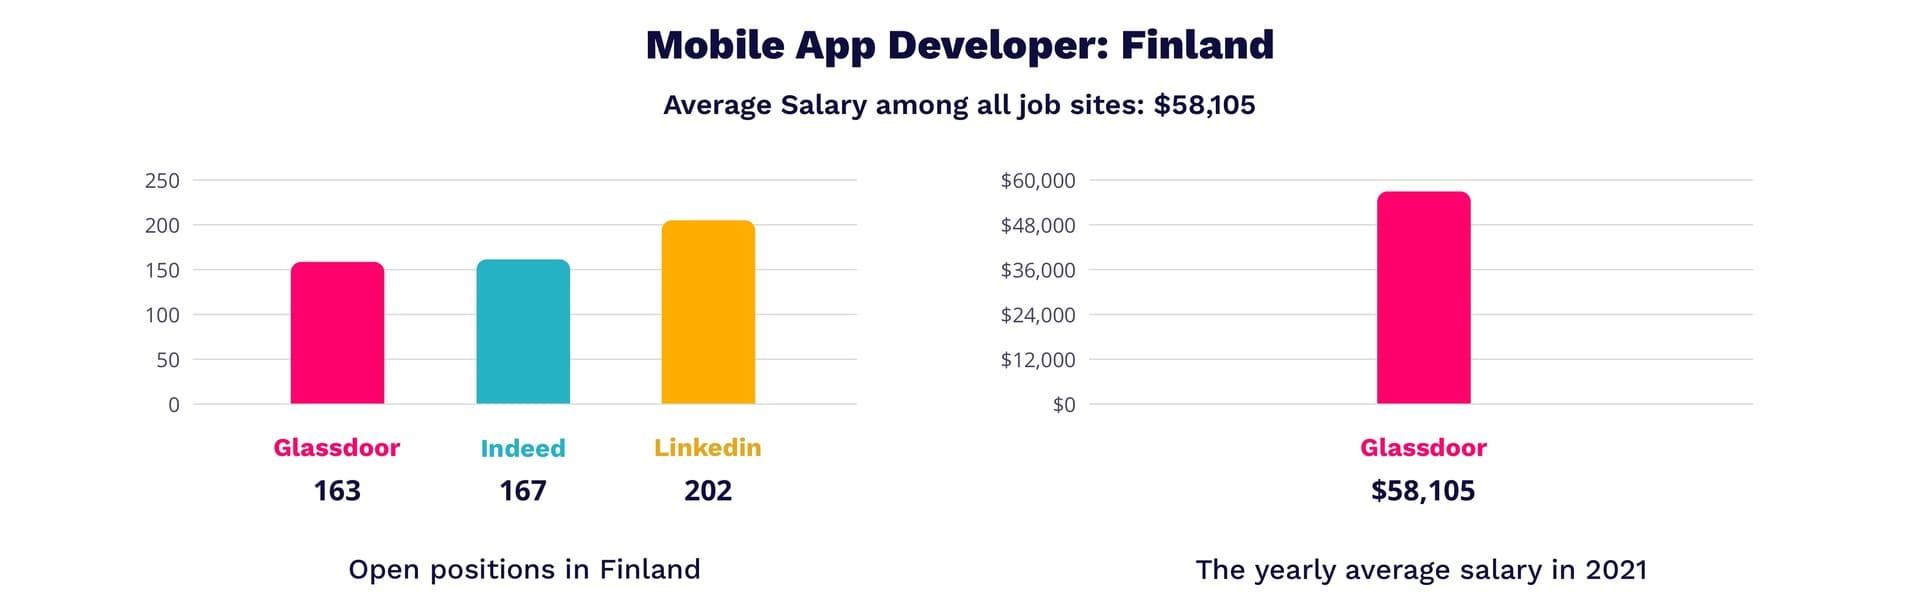 Mobile app developer salar in Finland